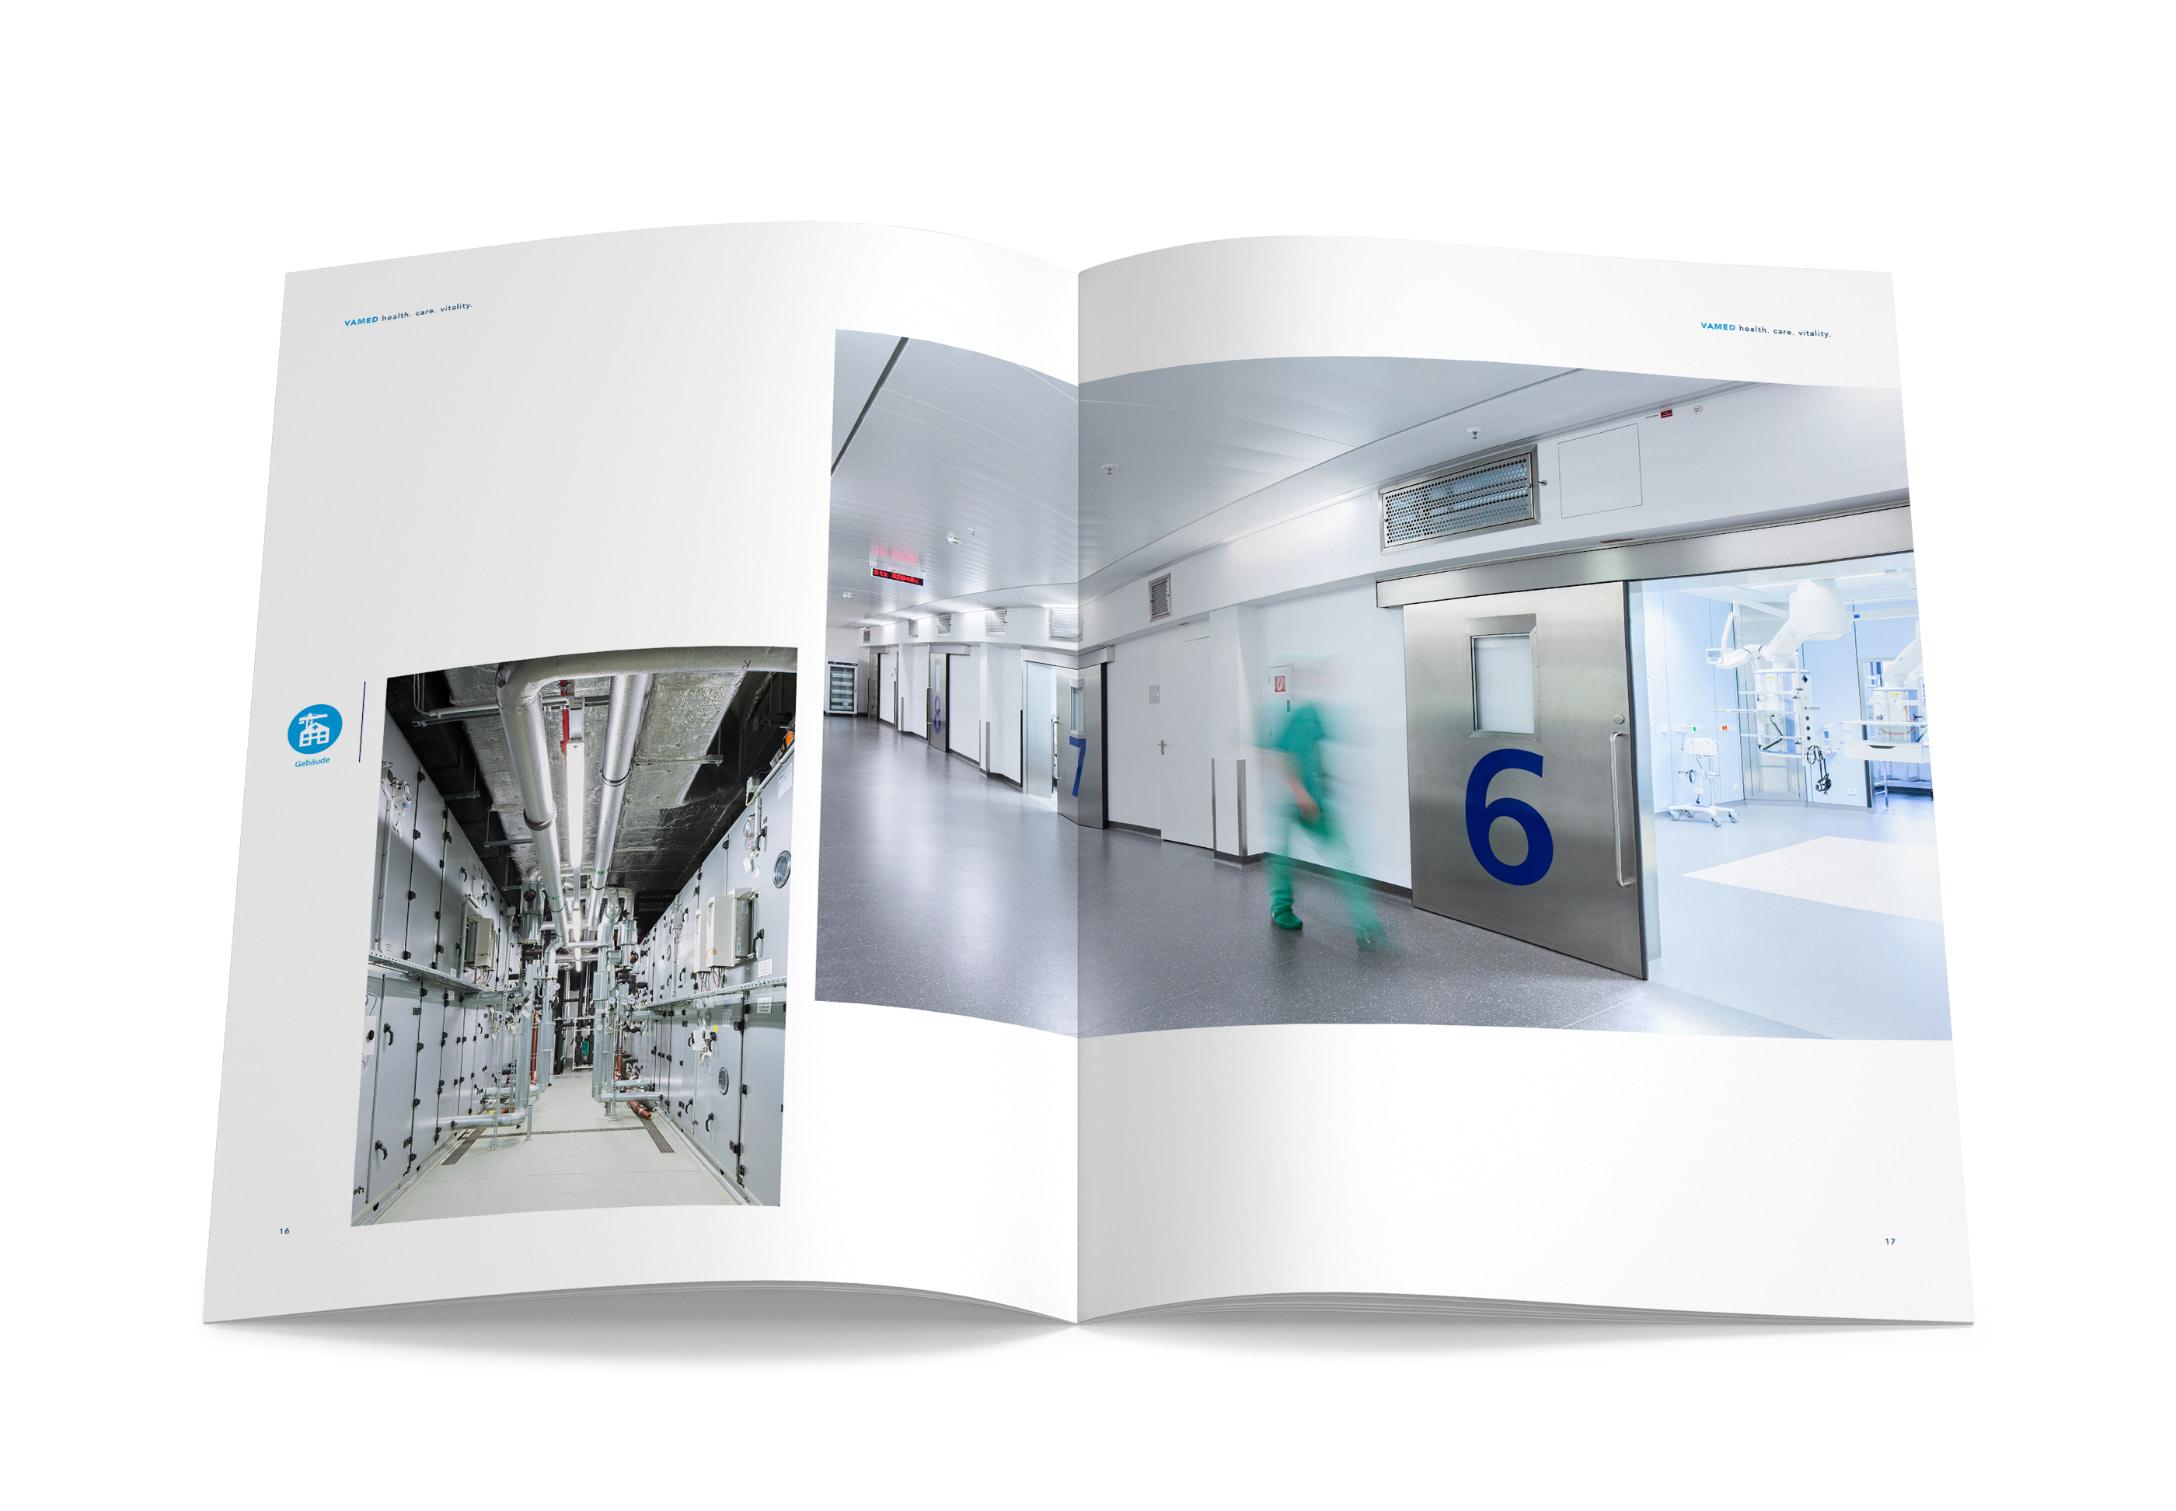 Doppelseite mit zwei großen Bildern, gestaltet von der Healthcare Werbeagentur mcs für die neue Imagebroschüre der VAMED